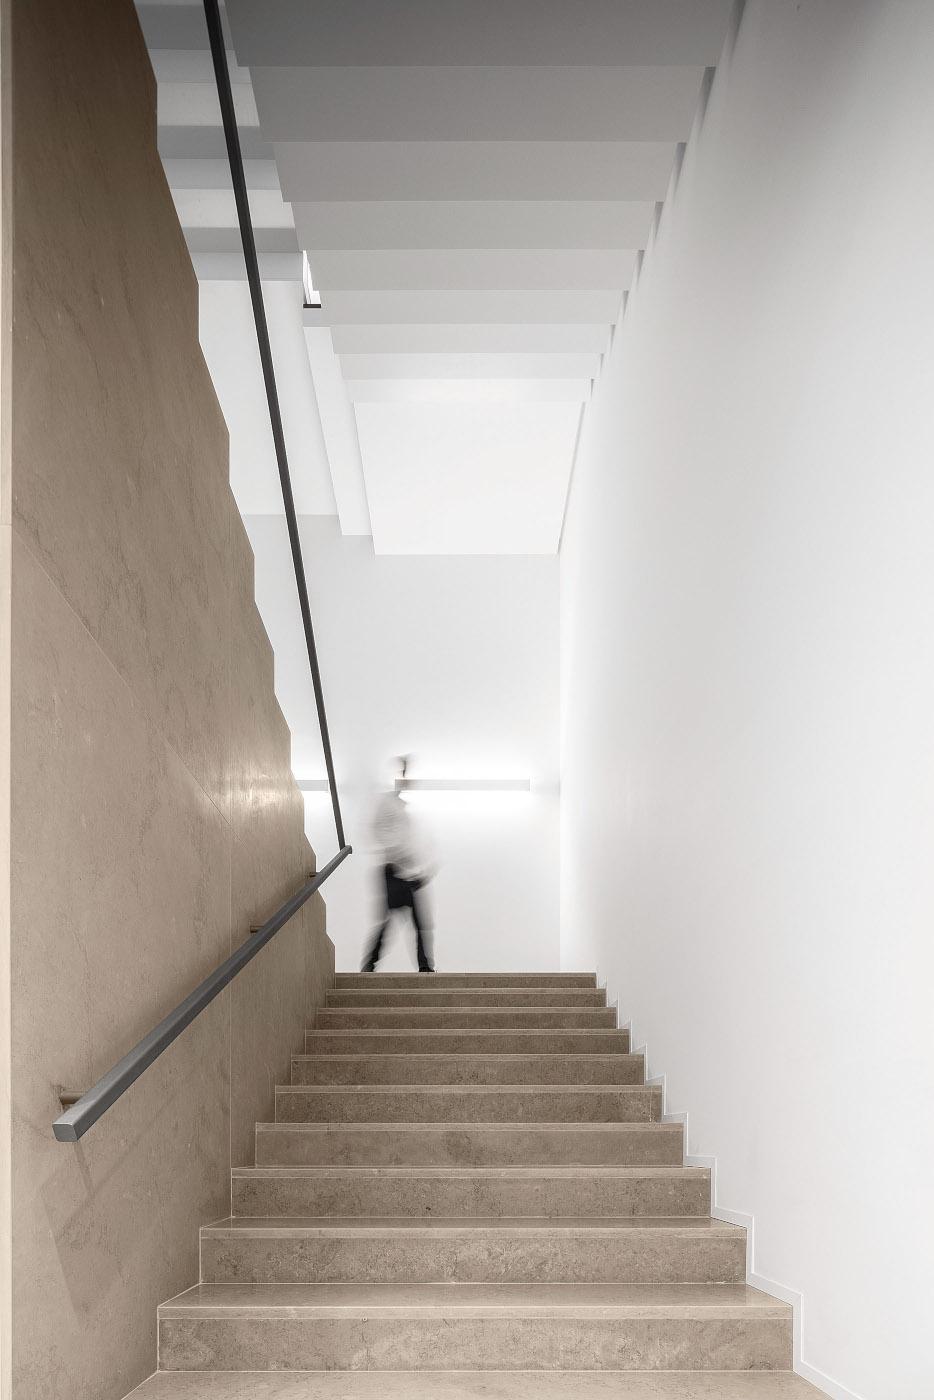 Reportagem Fotografia de arquitectura portuguesa fotografo Ivo tavares studio - Edificio Industrial PRF de Impare Arquitectura.